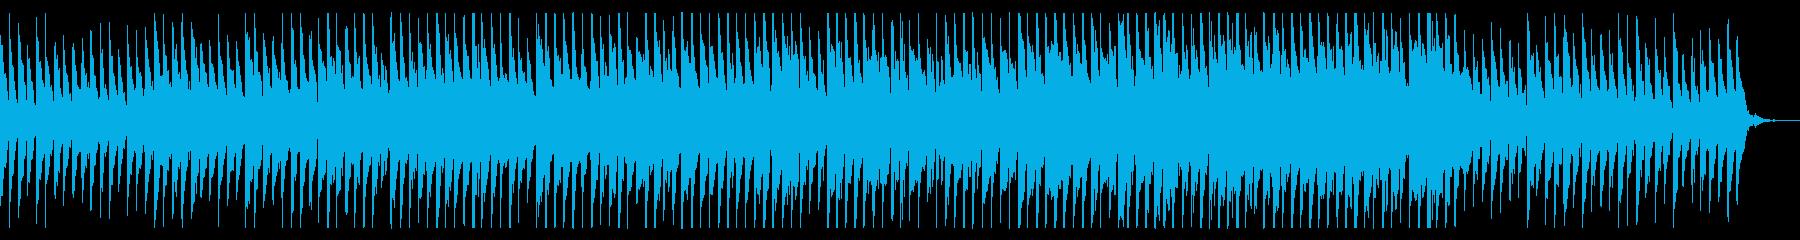 幻想的な雨のシンセサイザー曲の再生済みの波形